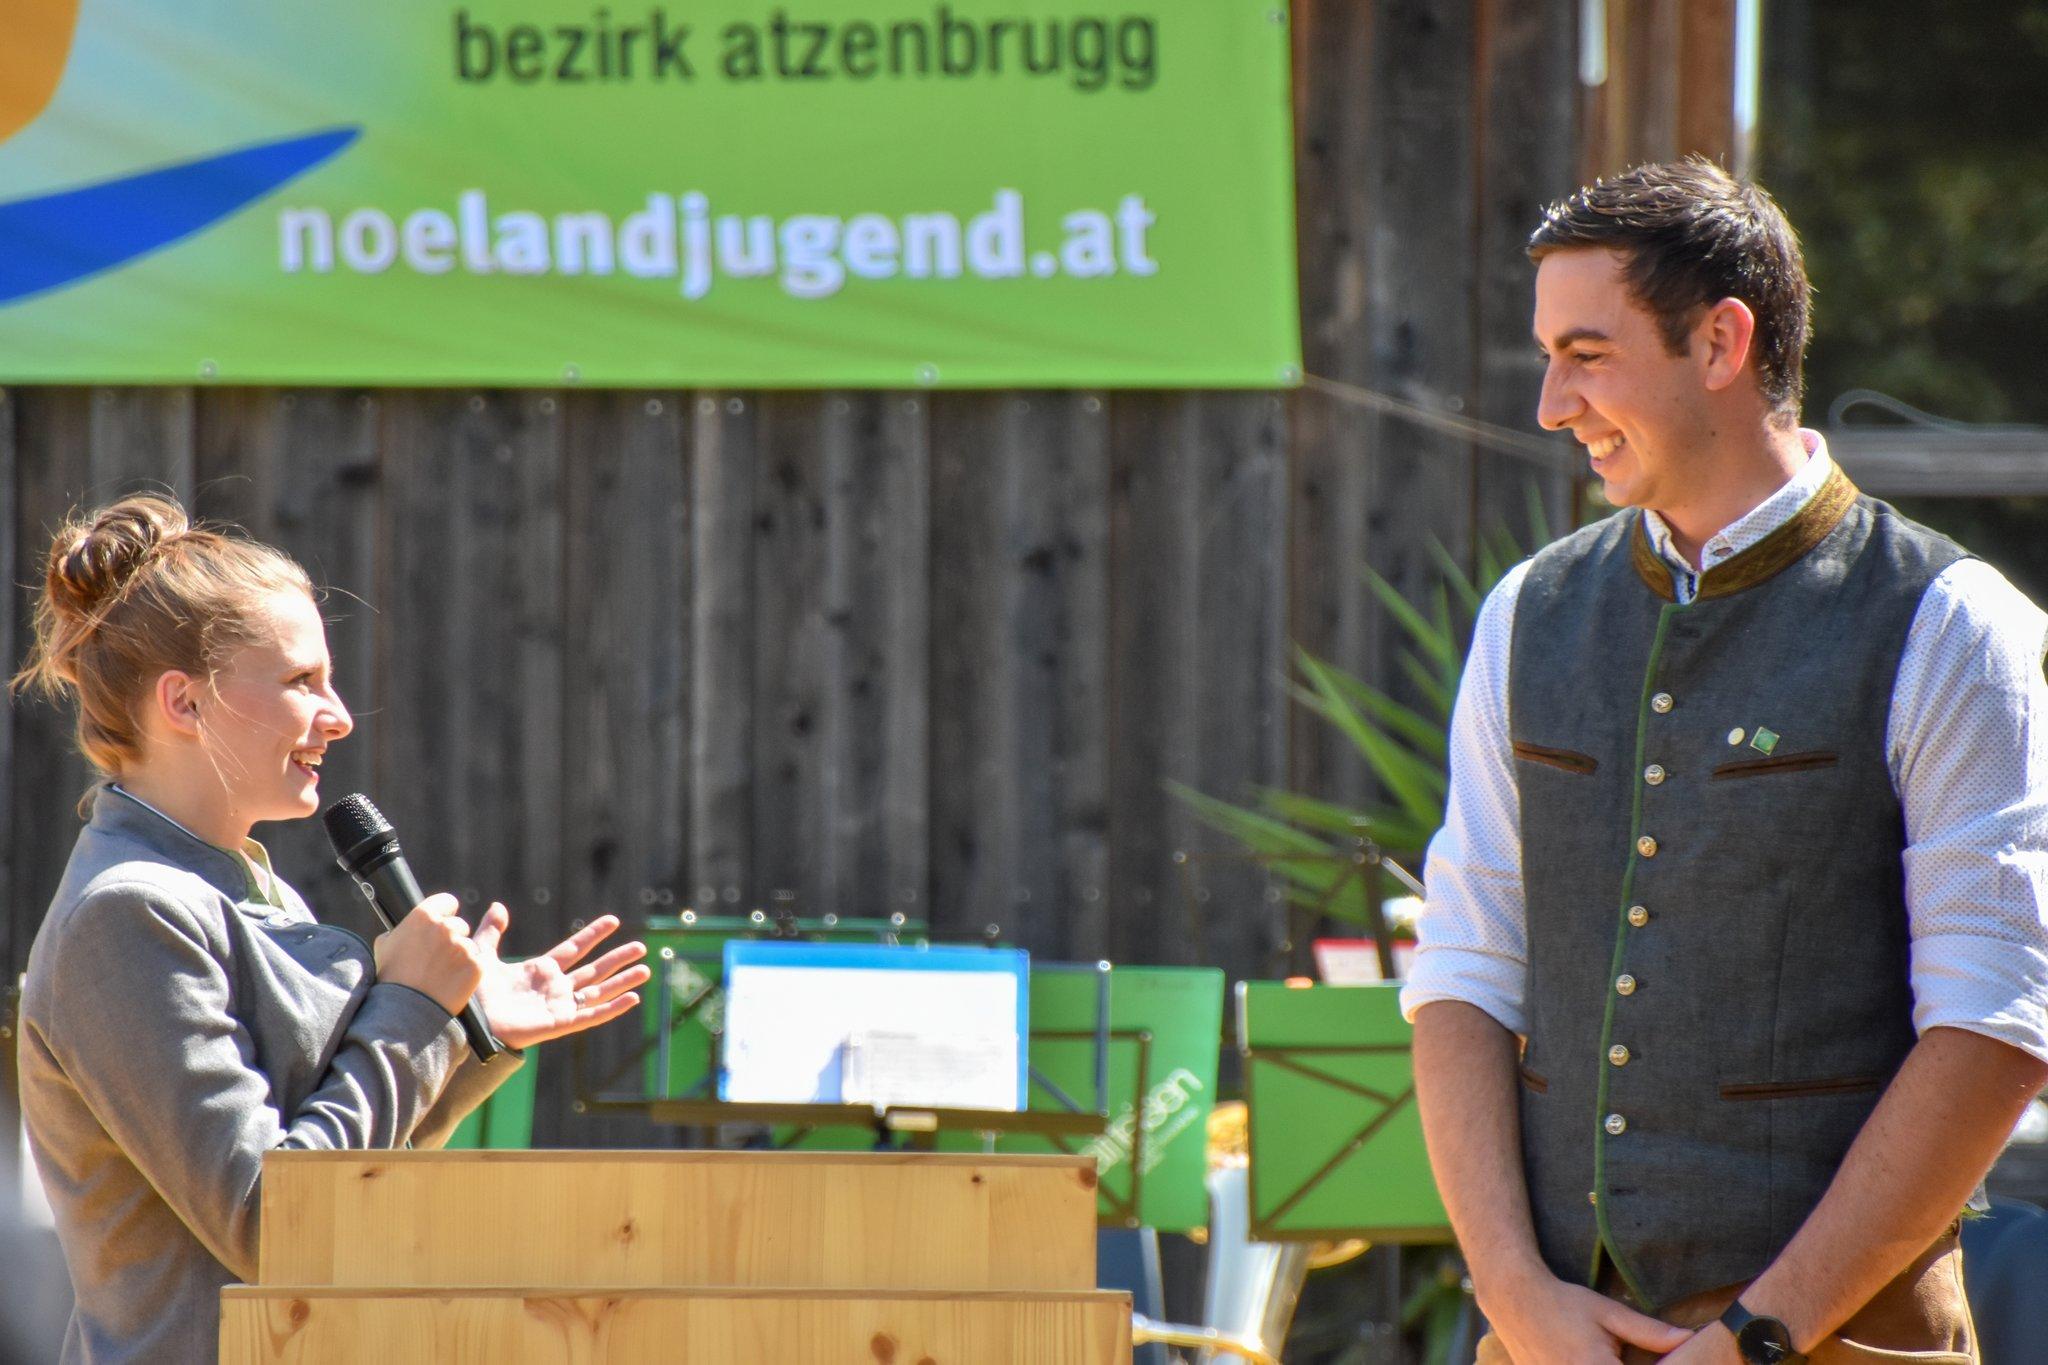 Marktplatz fr Kleinanzeigen - Marktplatz - comunidadelectronica.com